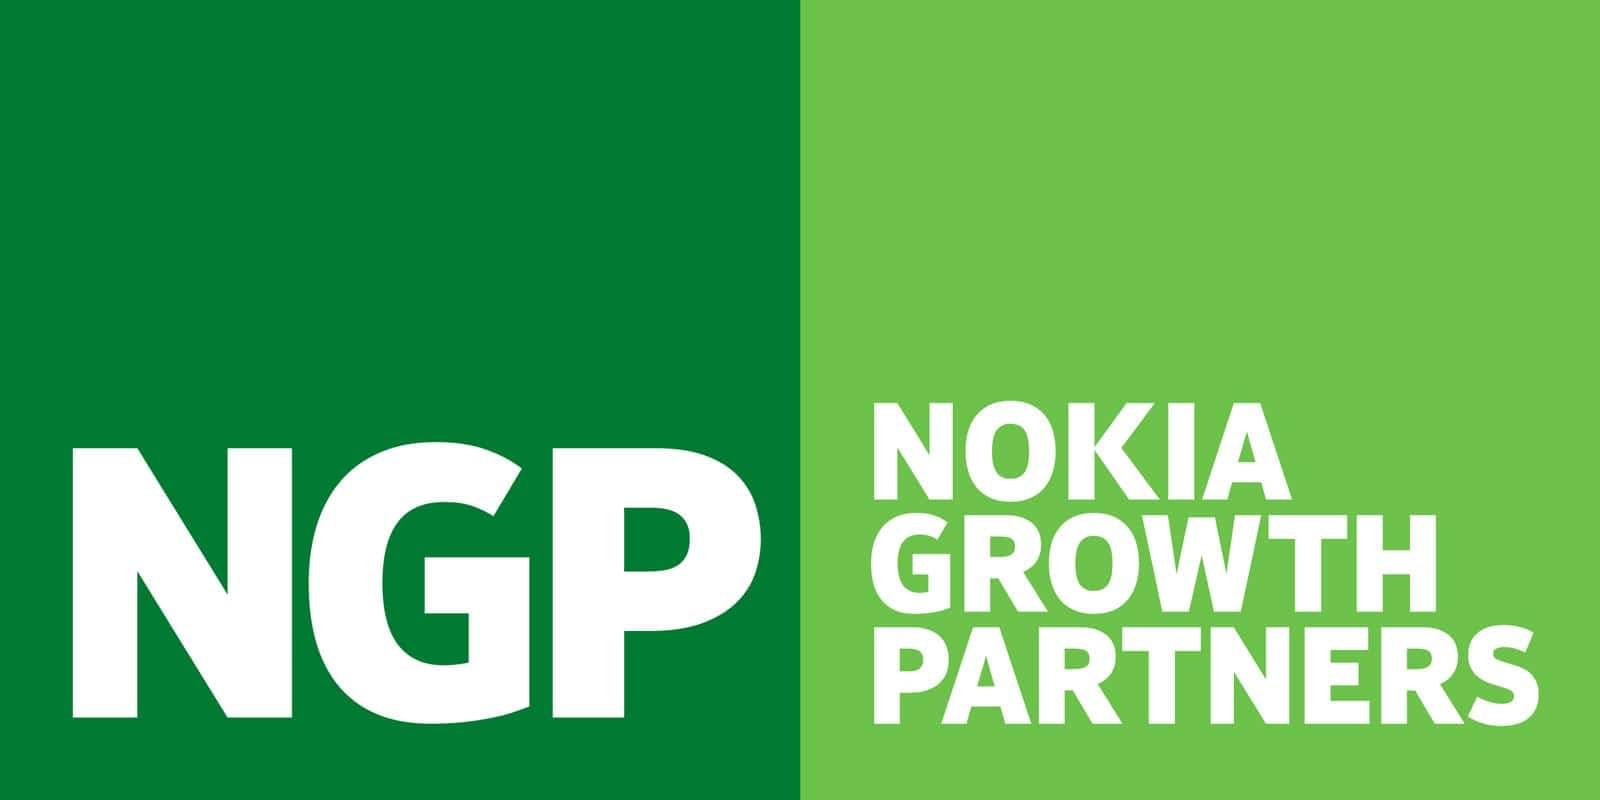 Nokia Growth Partners, NGP